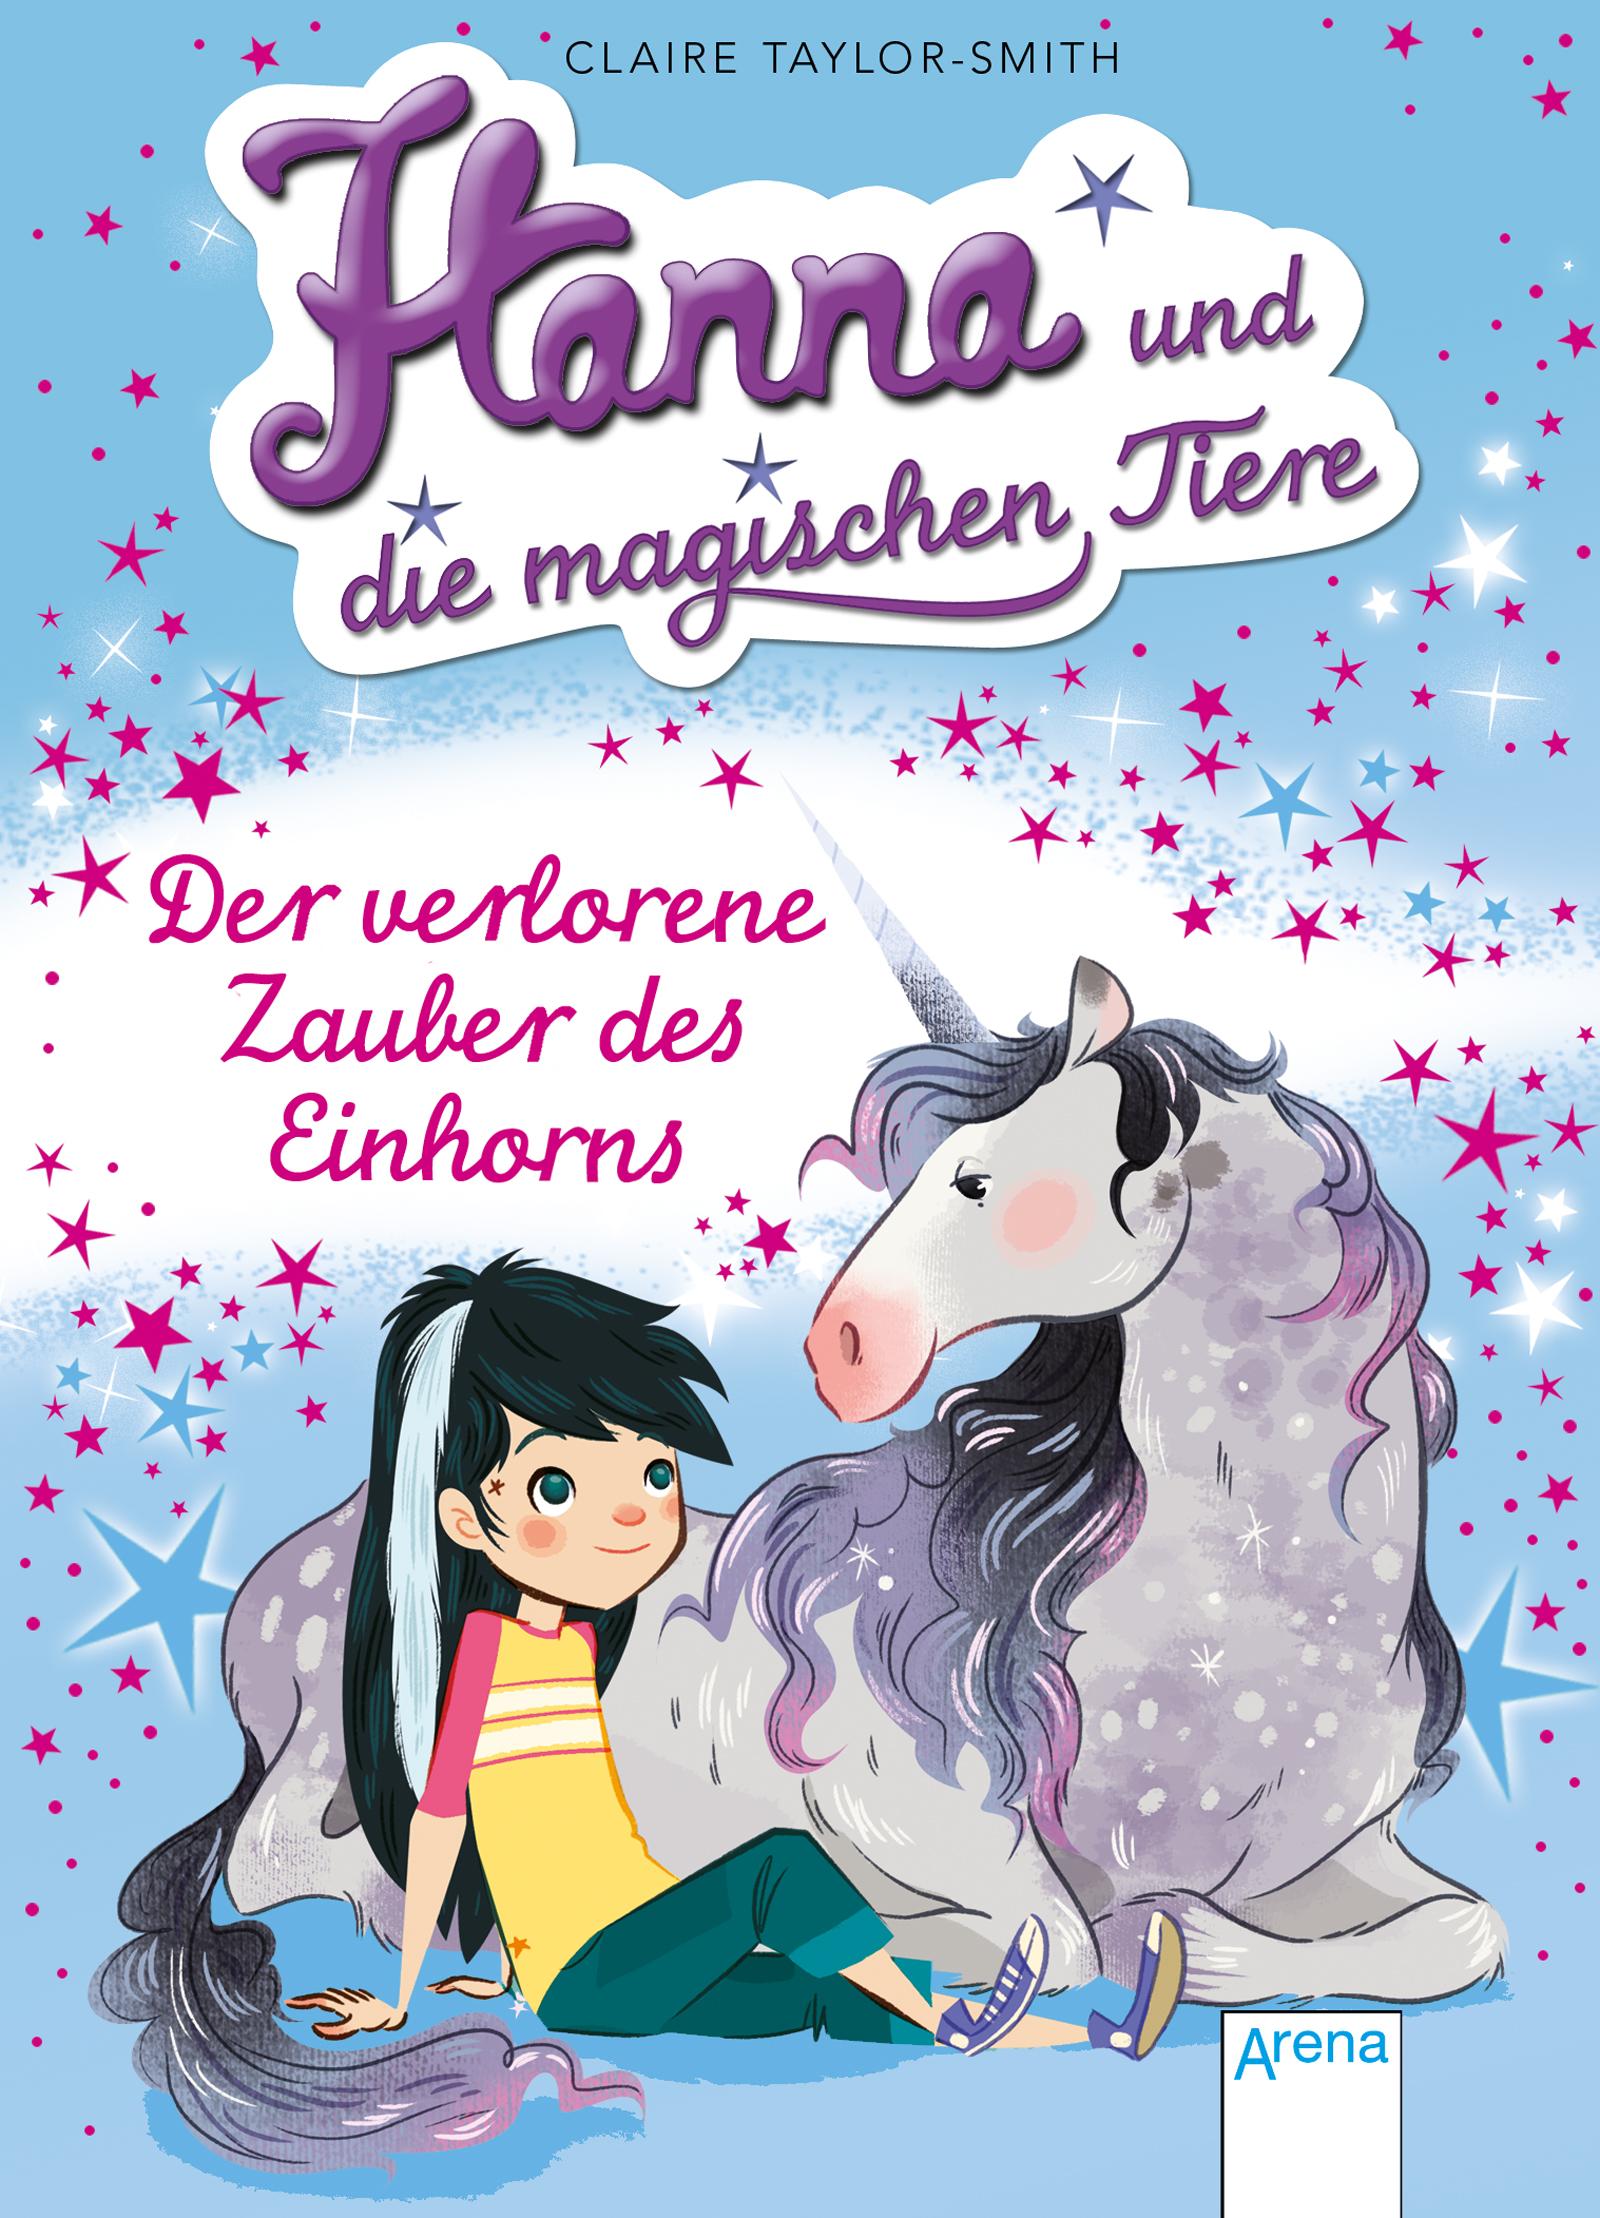 NEU Hanna und die magischen Tiere - Der verlorene Zauber des Einhorns... 600154